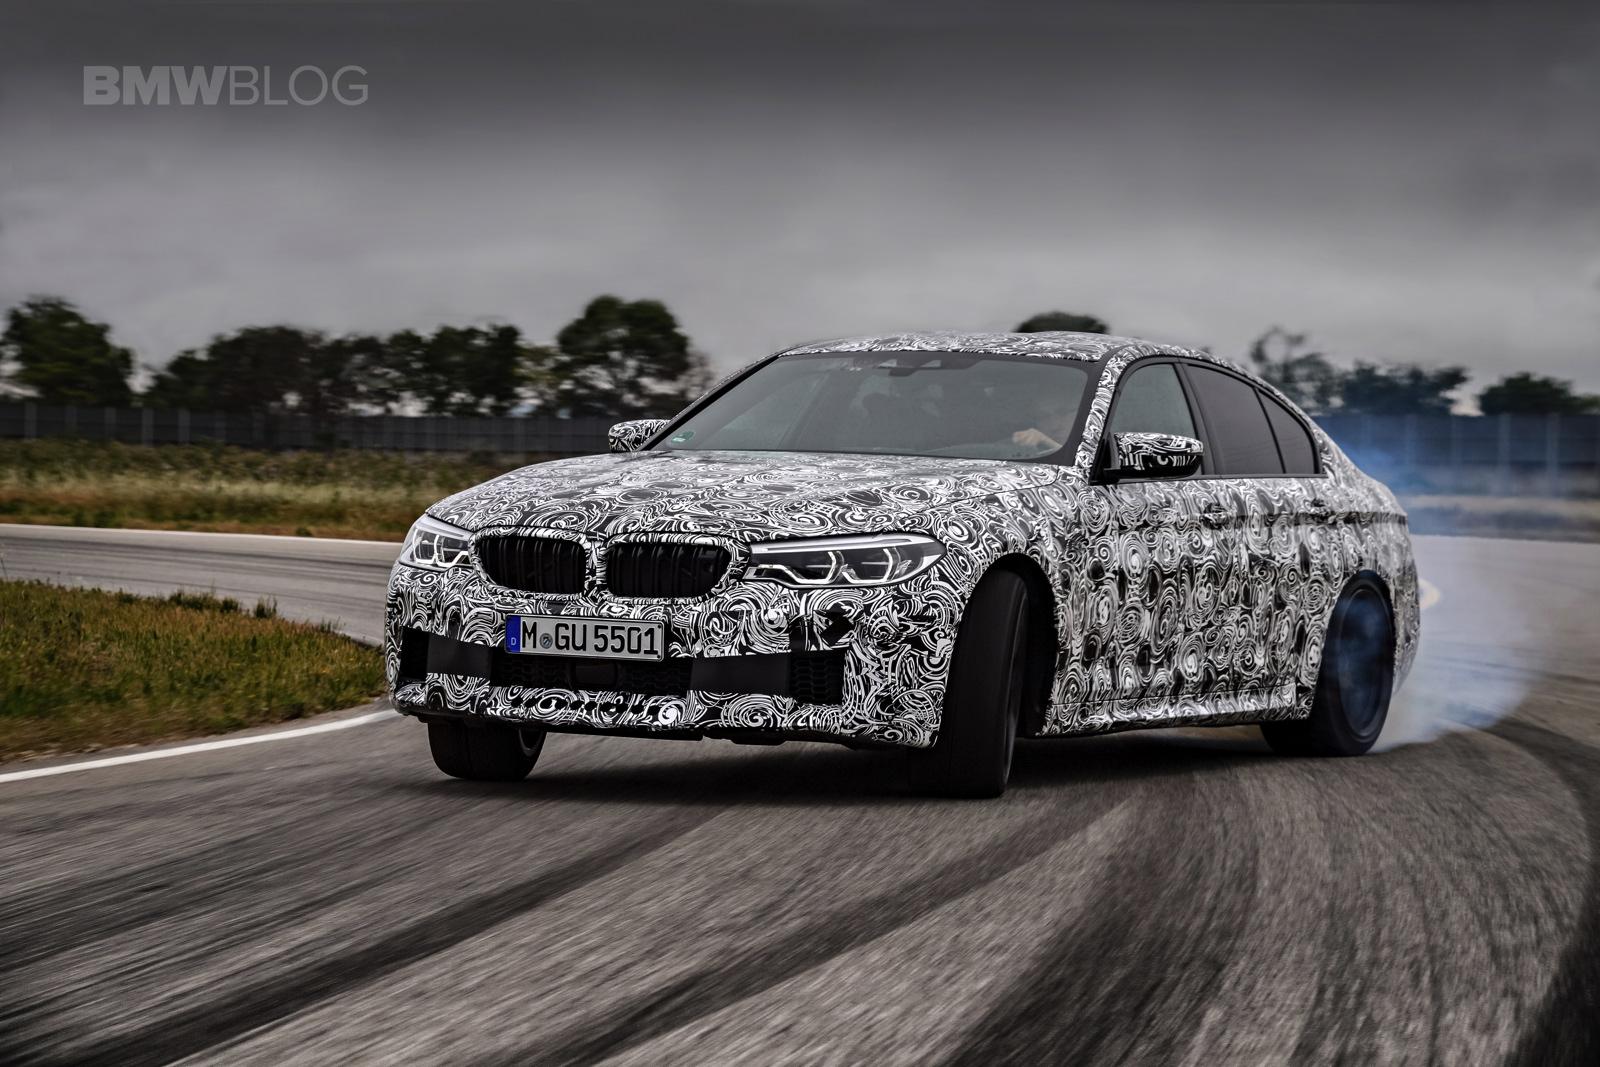 2018 BMW M5 pre production drive 71